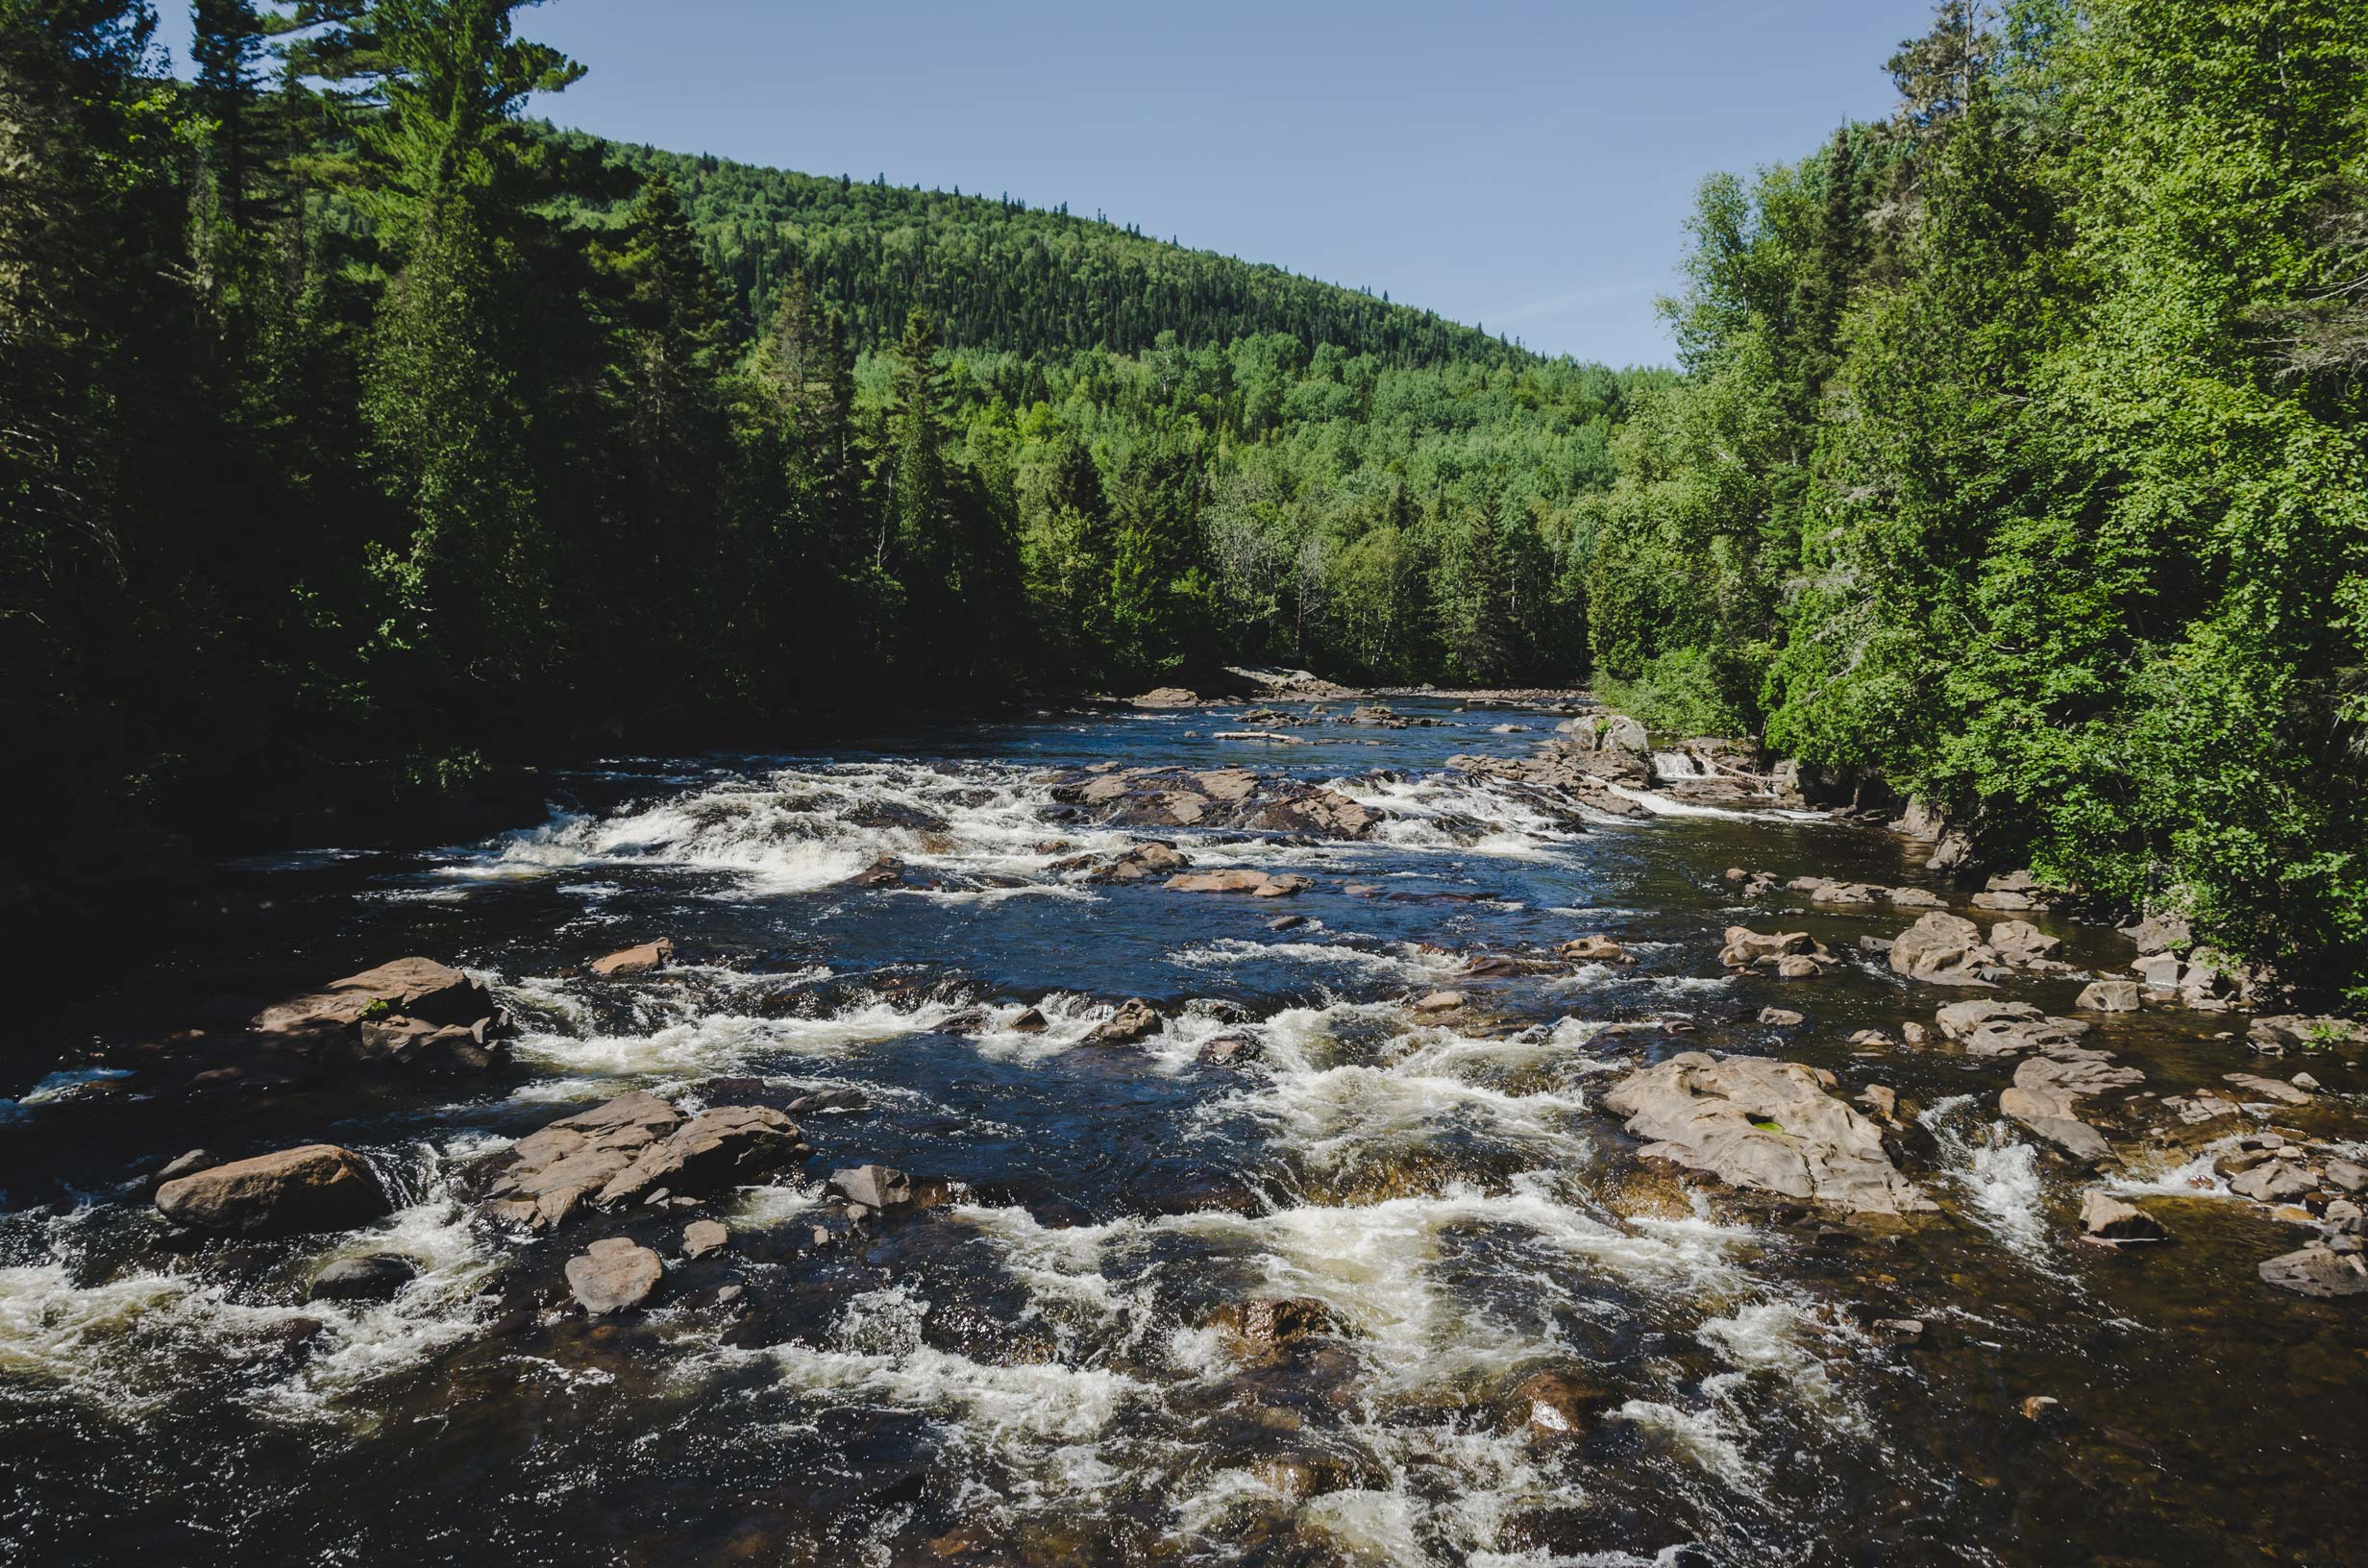 riviere quebec